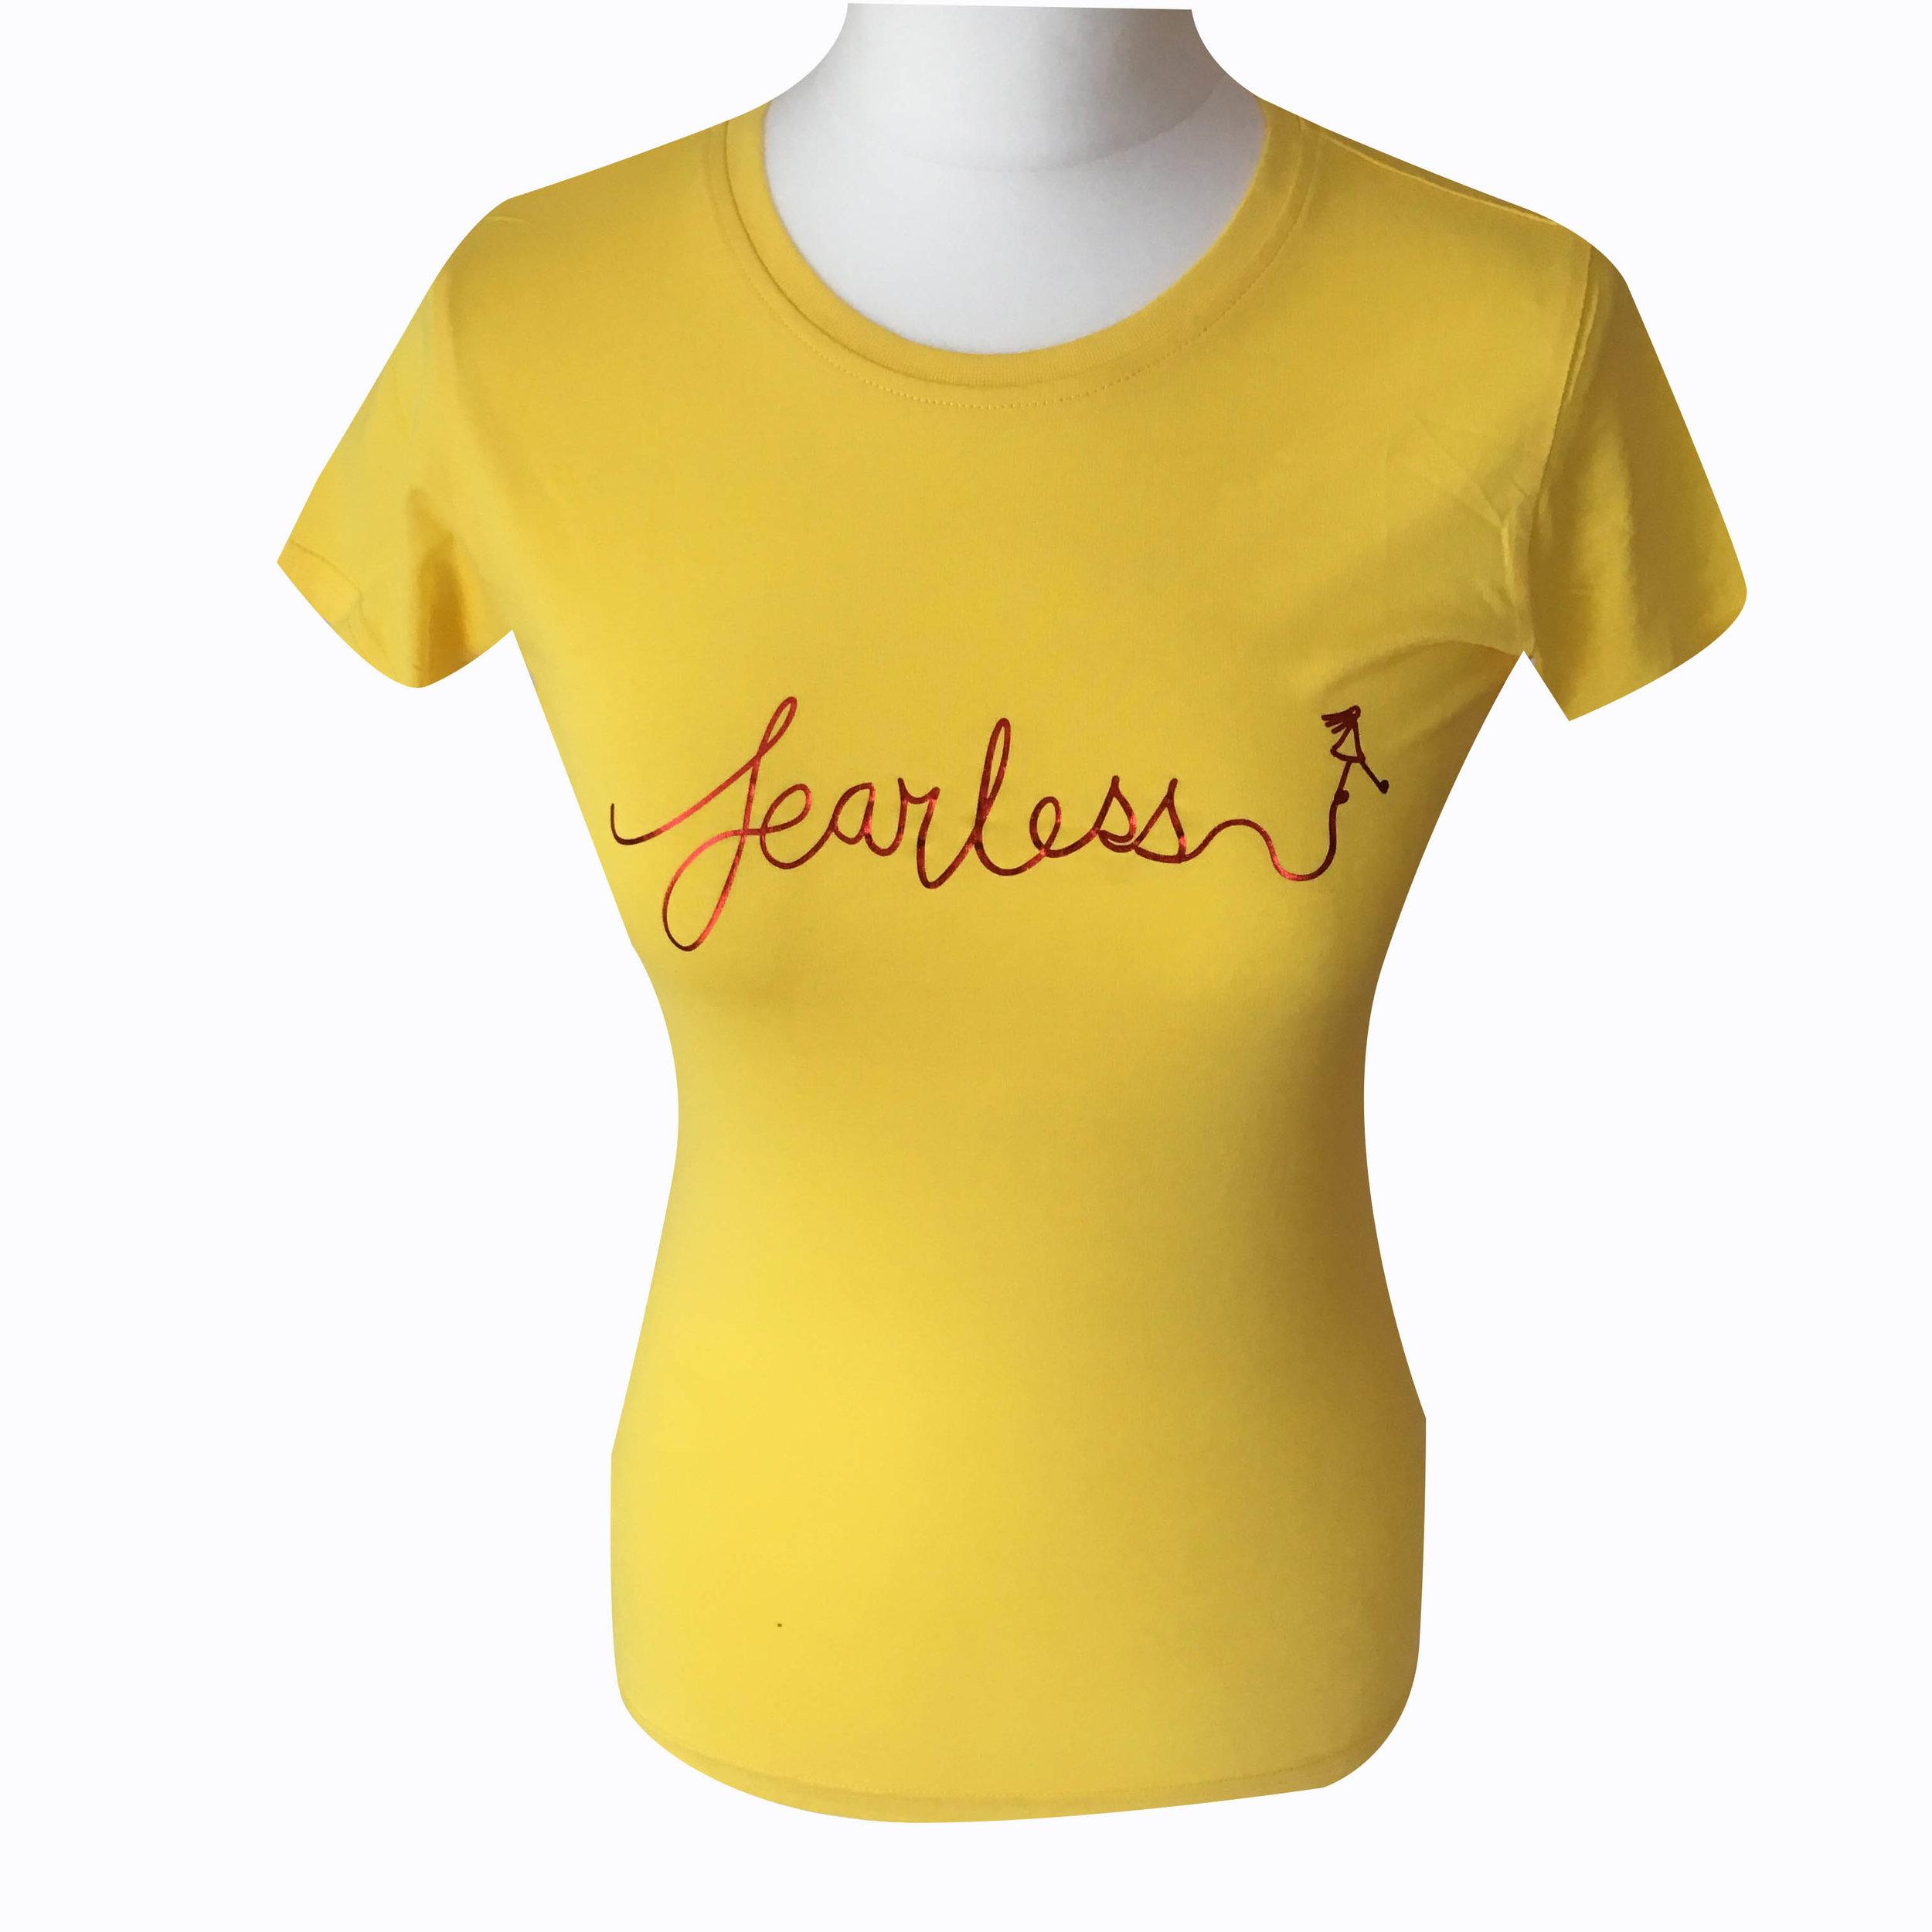 Wear Fearless - FEEL FEARLESS